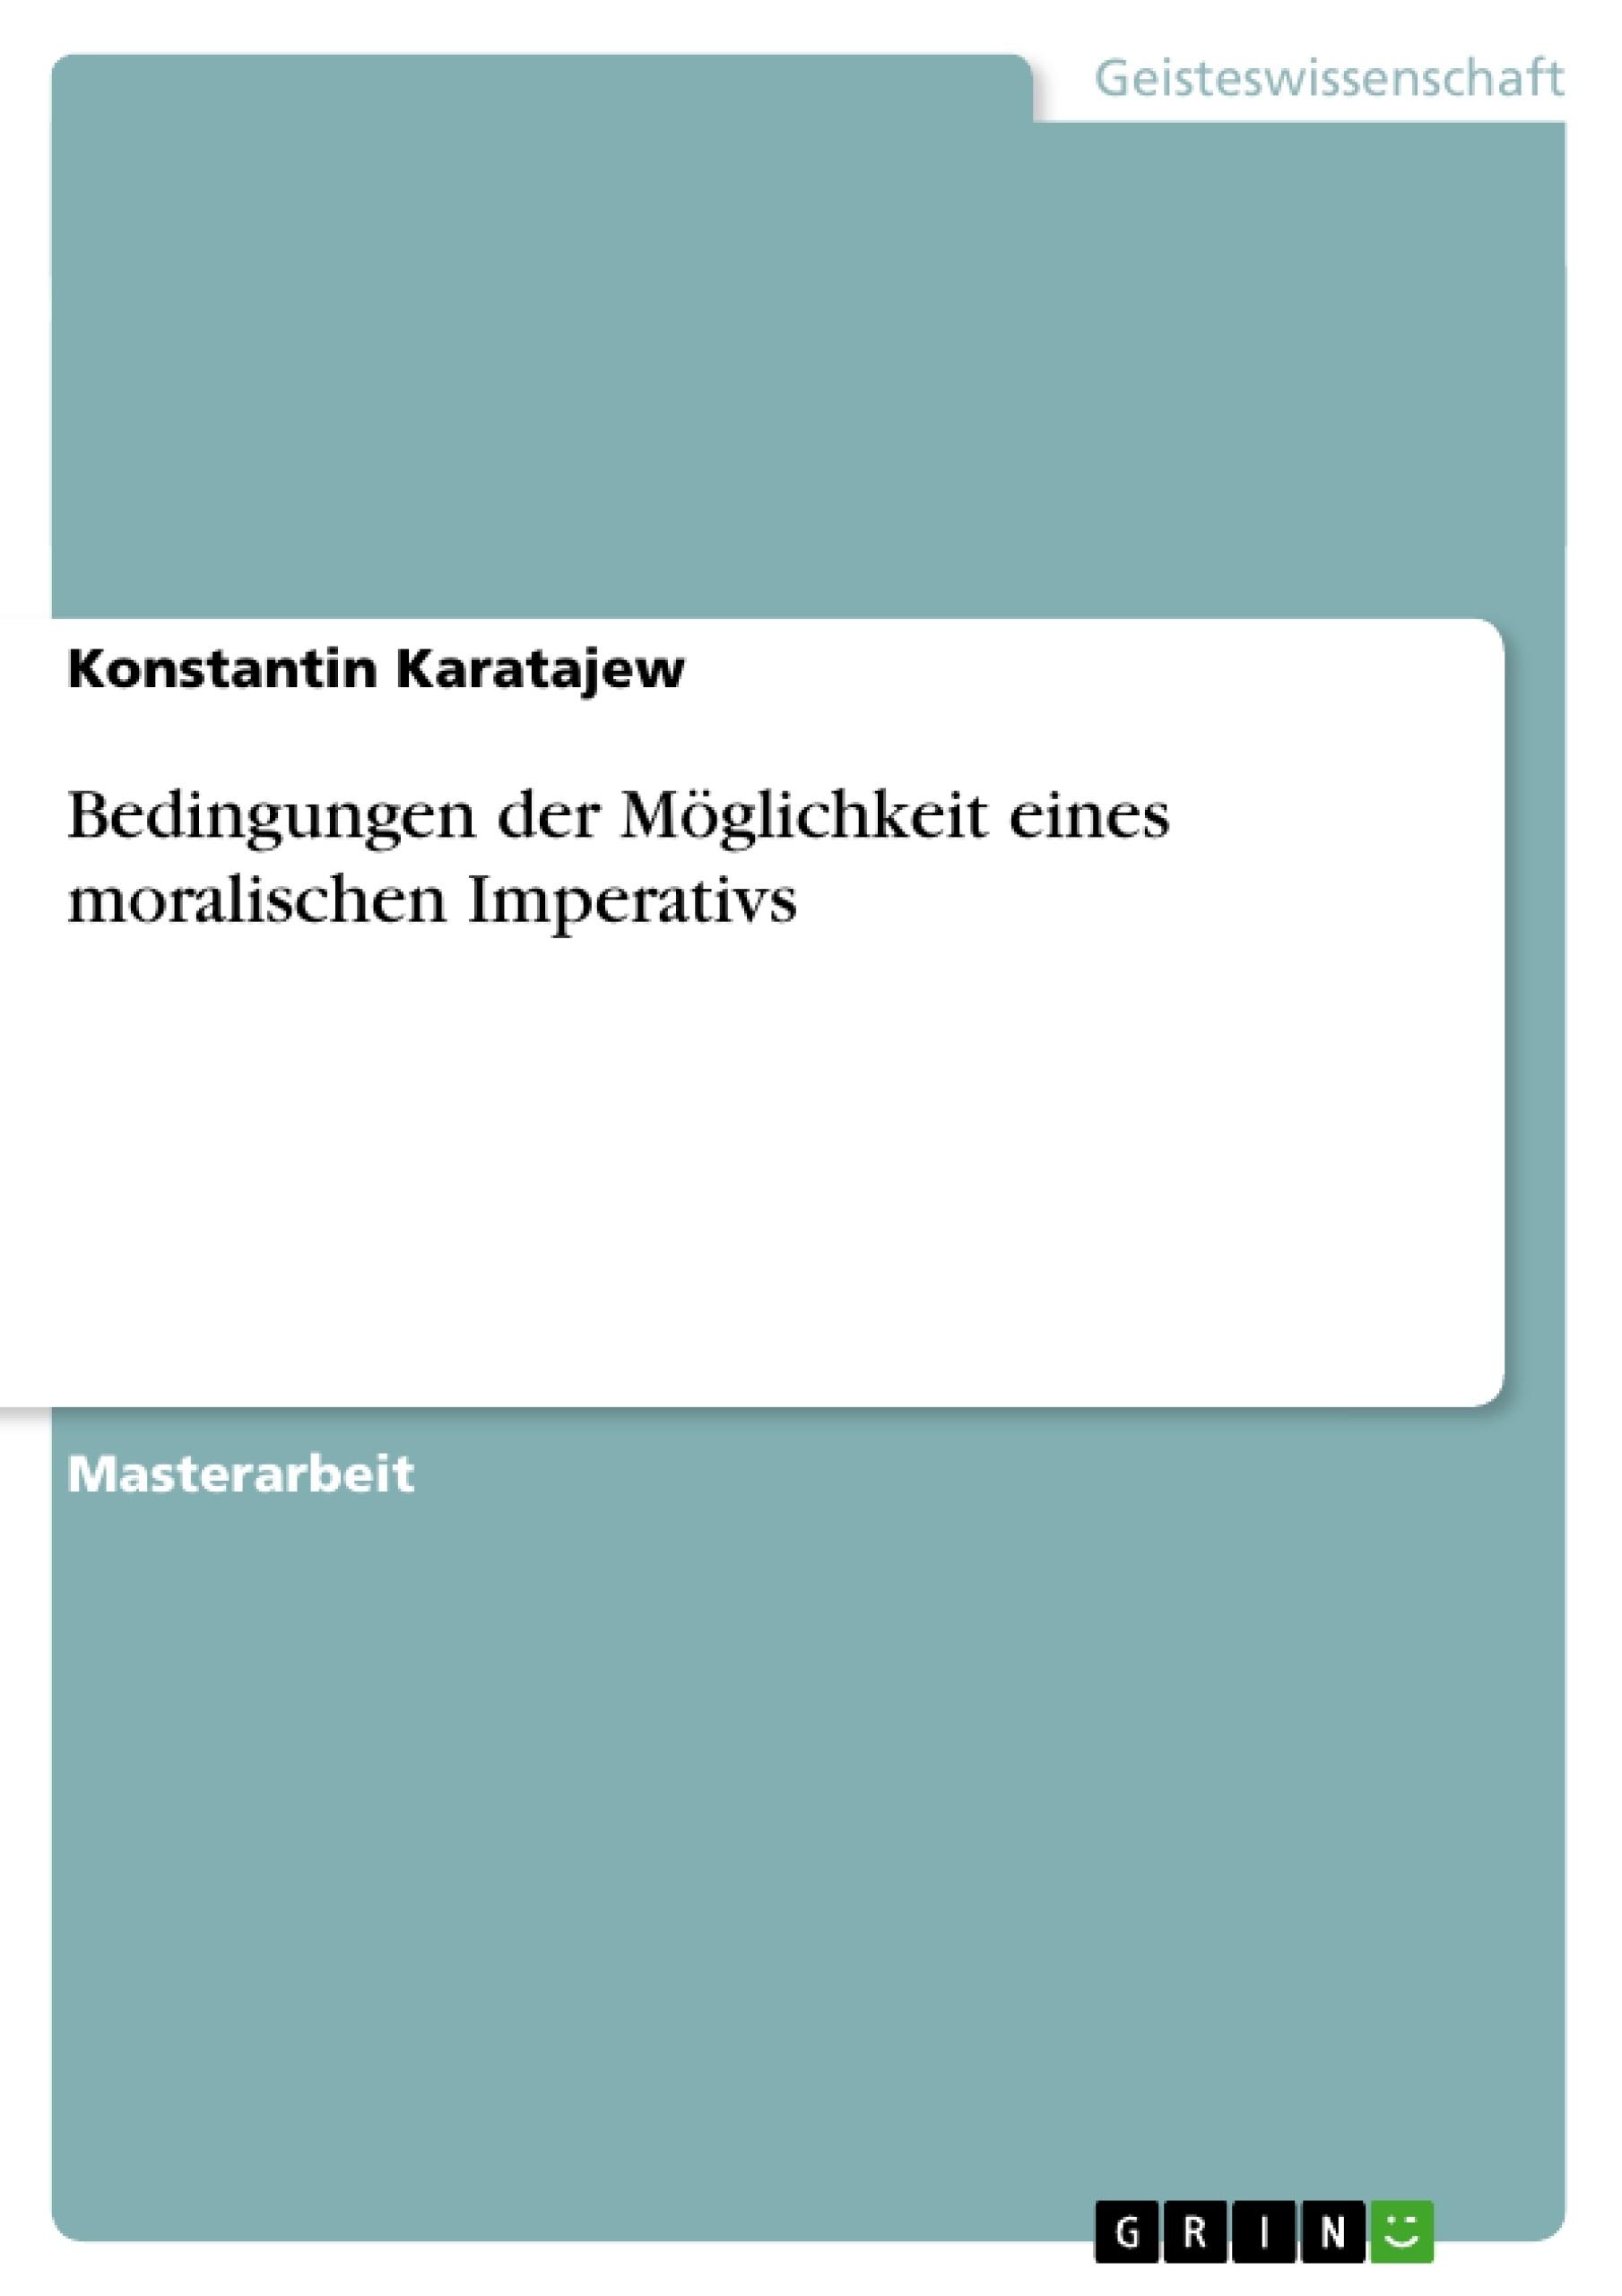 Titel: Bedingungen der Möglichkeit eines moralischen Imperativs